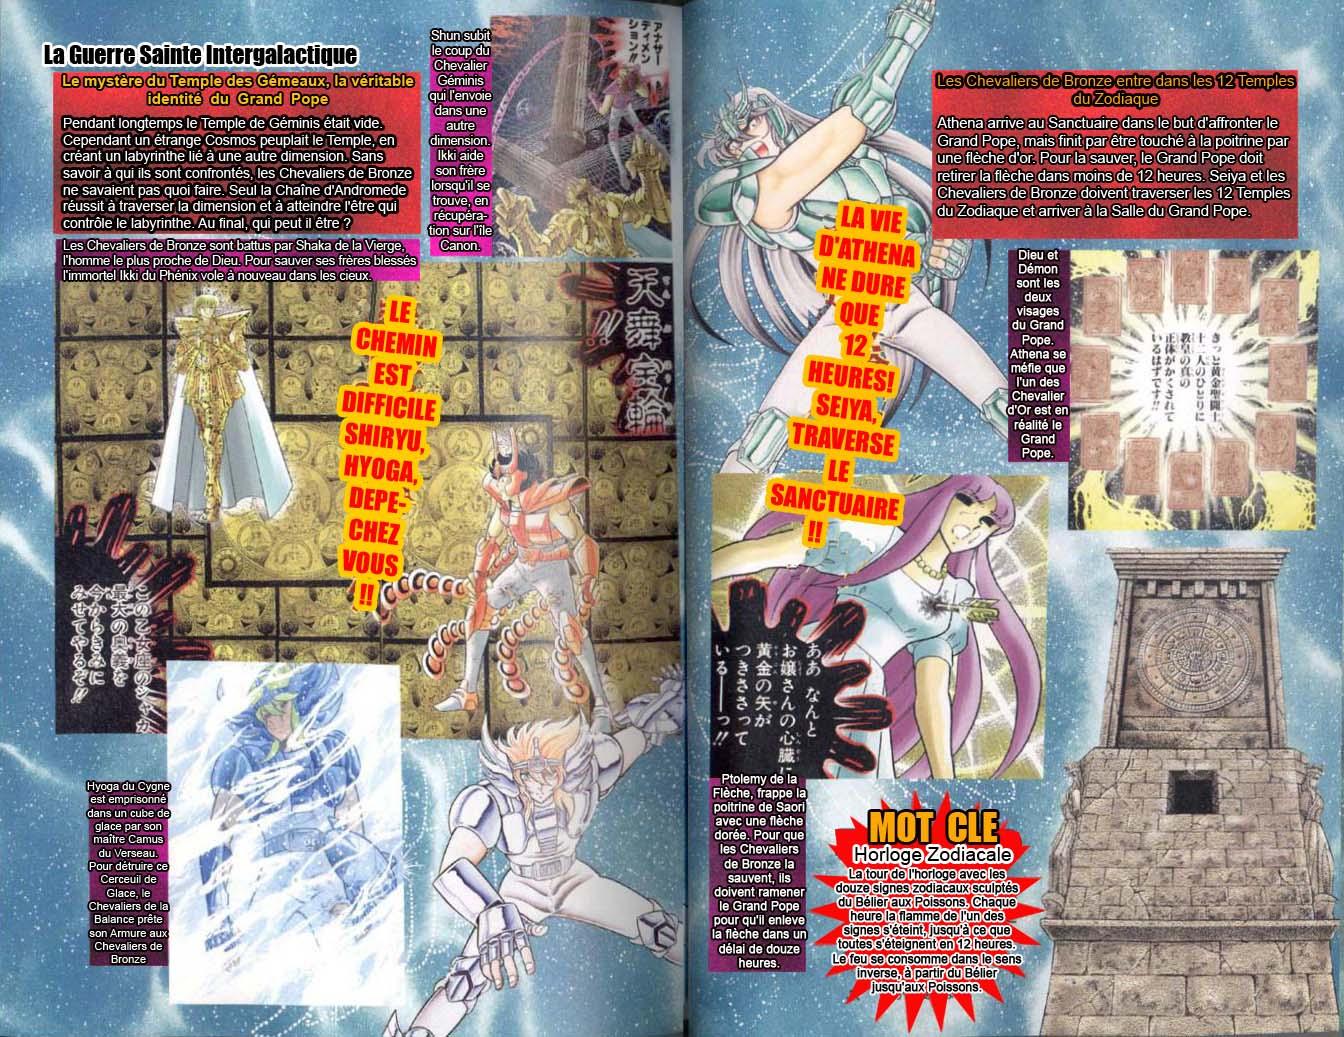 http://nsm01.casimages.com/img/2008/08/09/080809031743371202361102.jpg